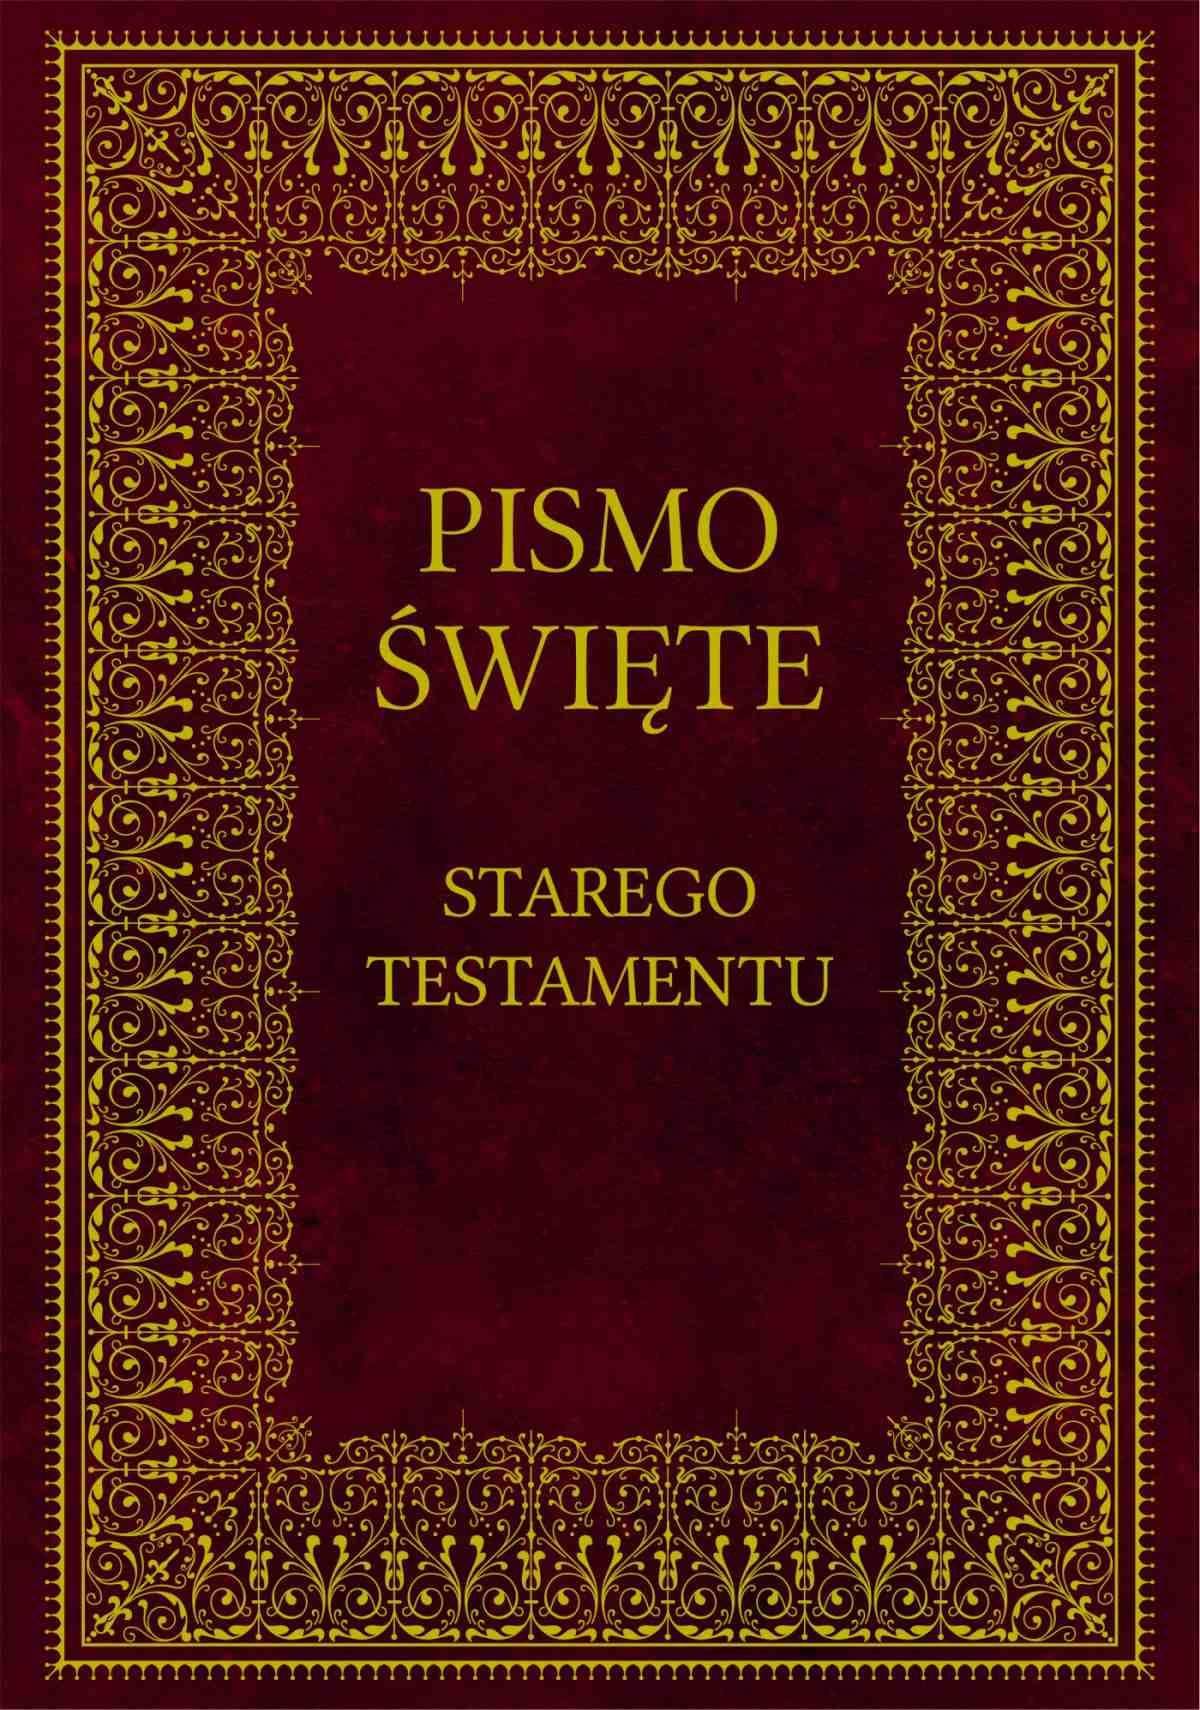 Biblia. Pismo Święte Starego Testamentu - Ebook (Książka EPUB) do pobrania w formacie EPUB